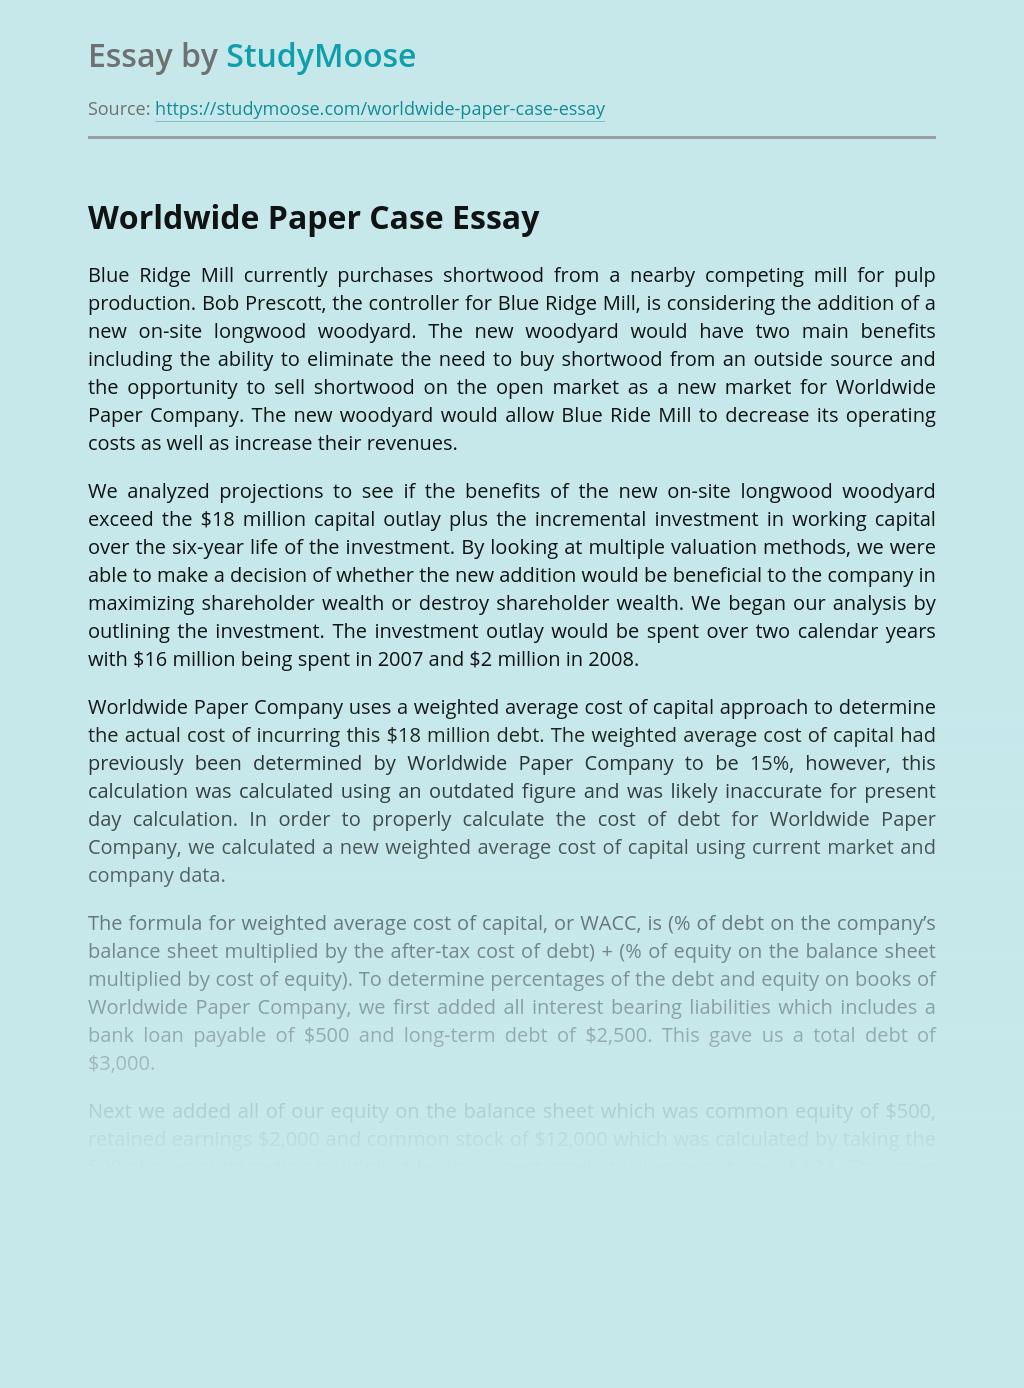 Worldwide Paper Case